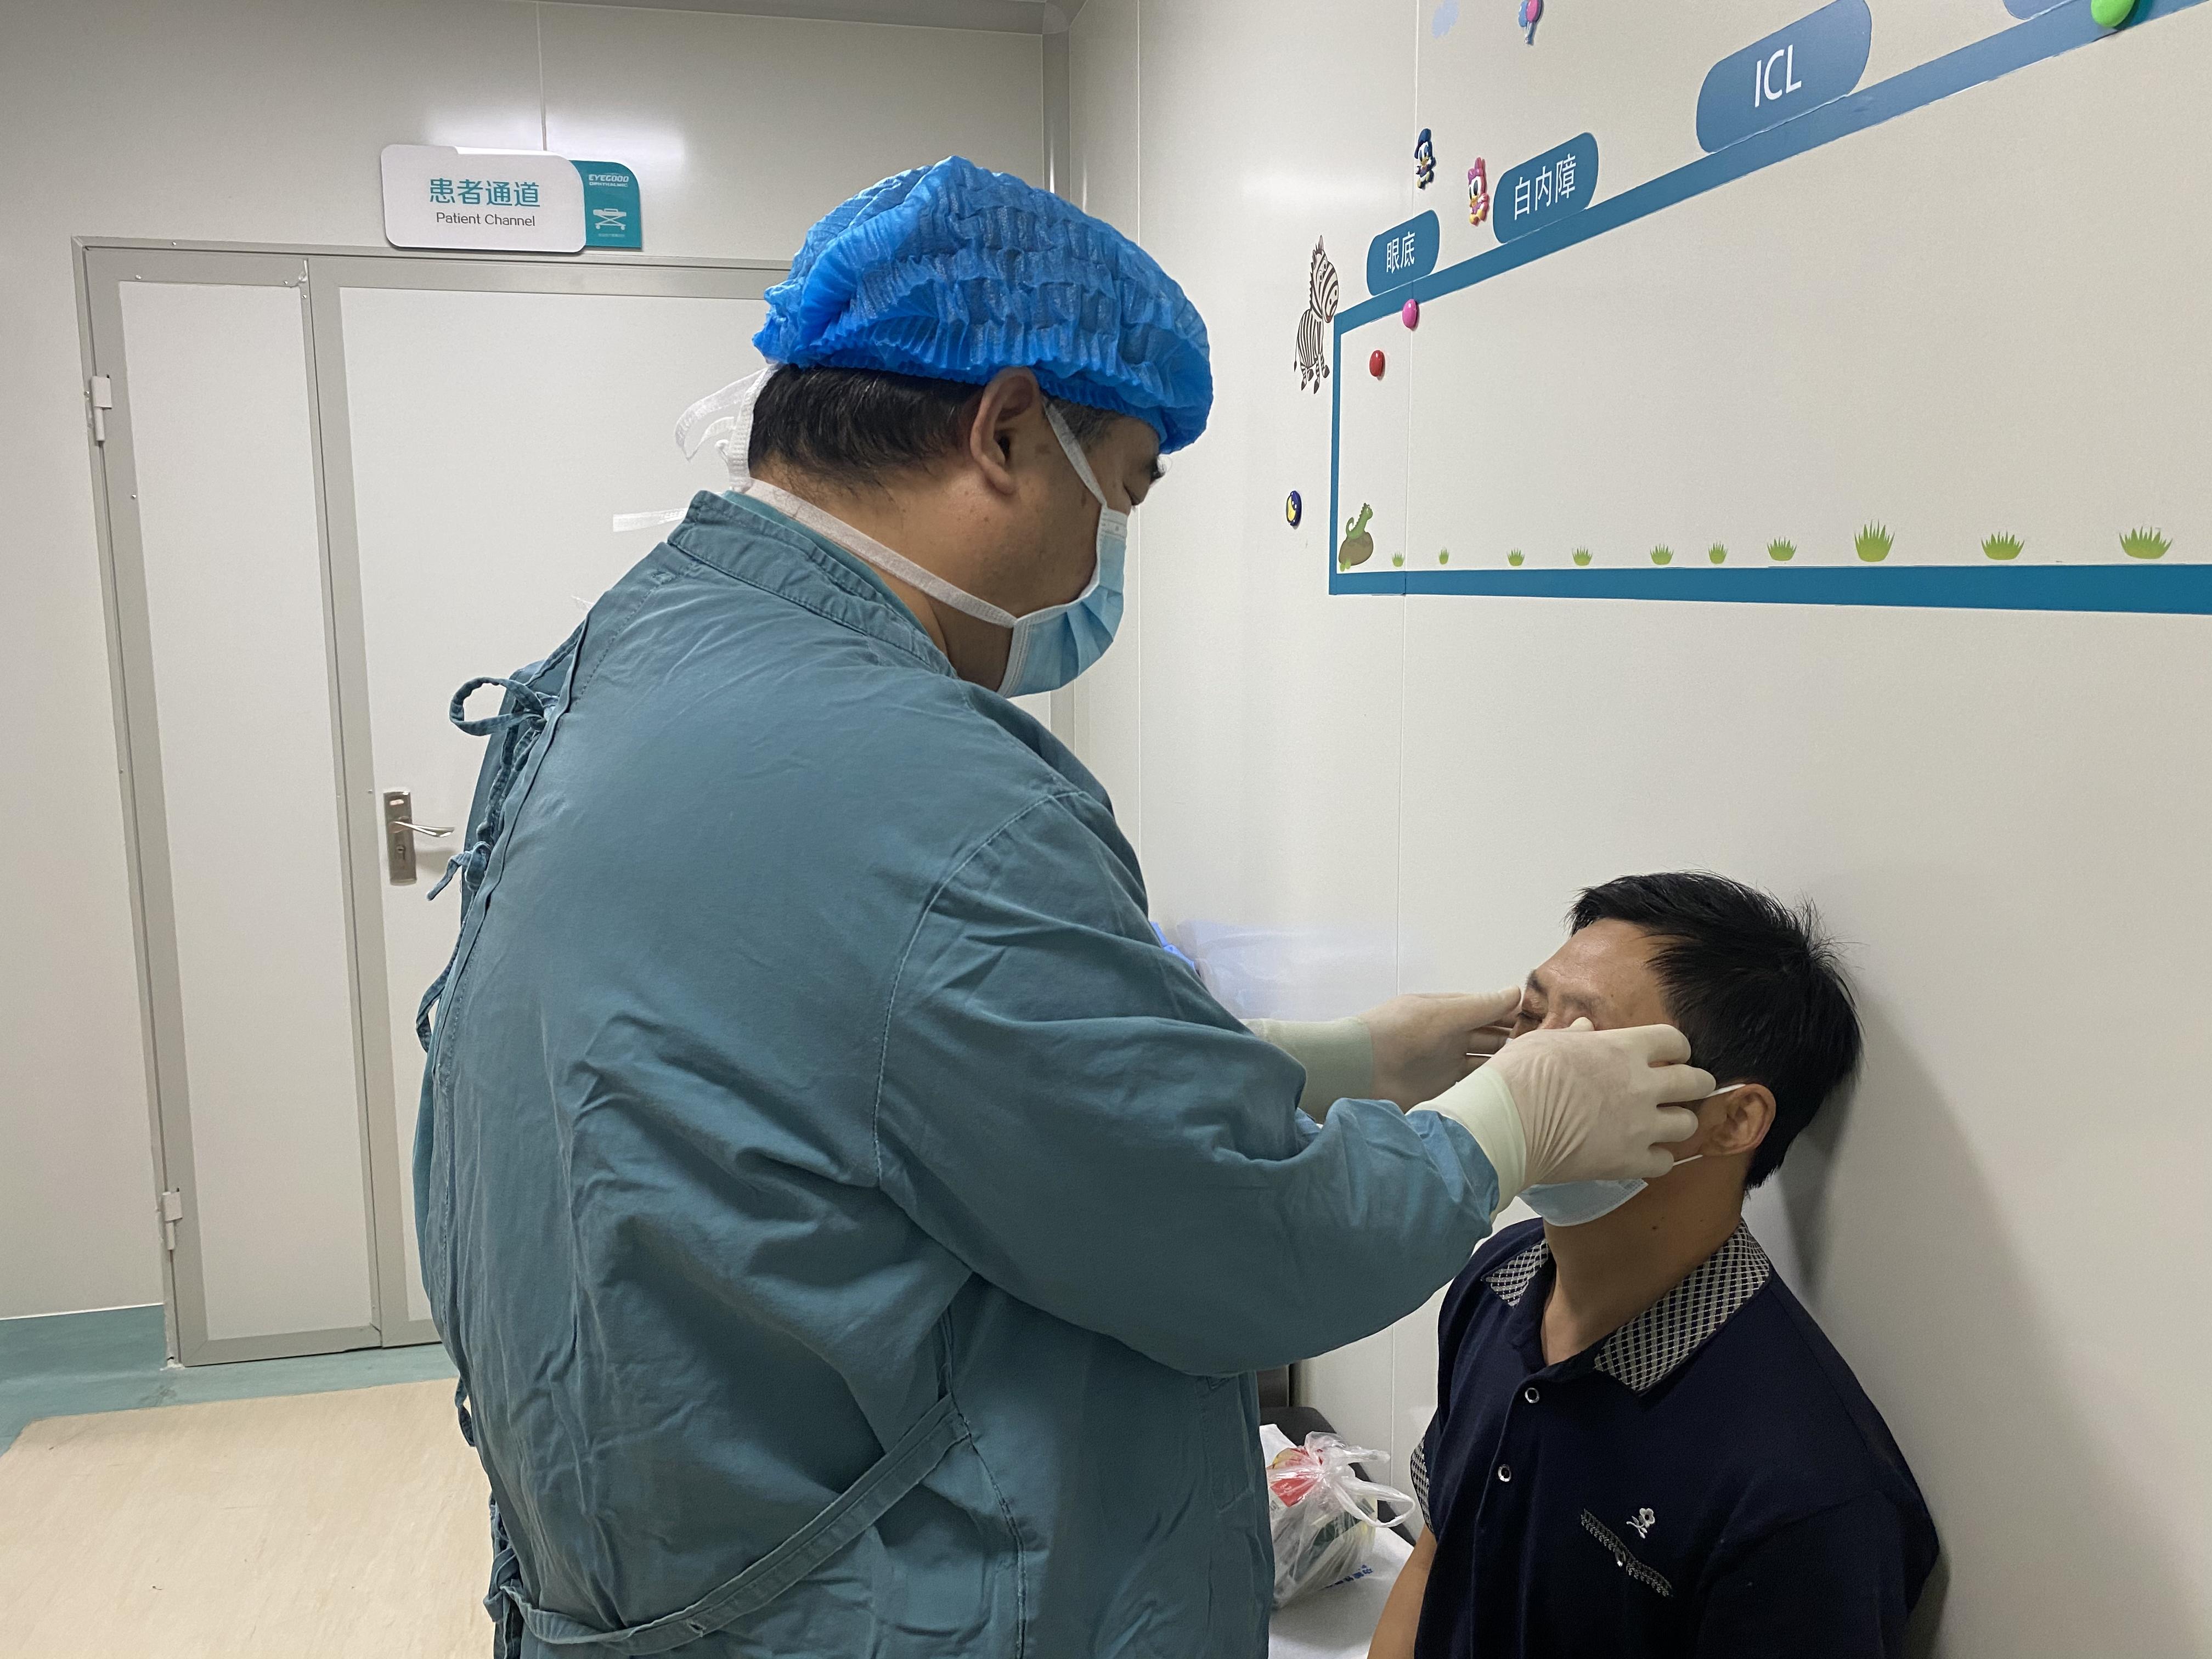 42 岁男子眼角红肉竟是肿瘤,隐藏眼内 14 年夺眶而出